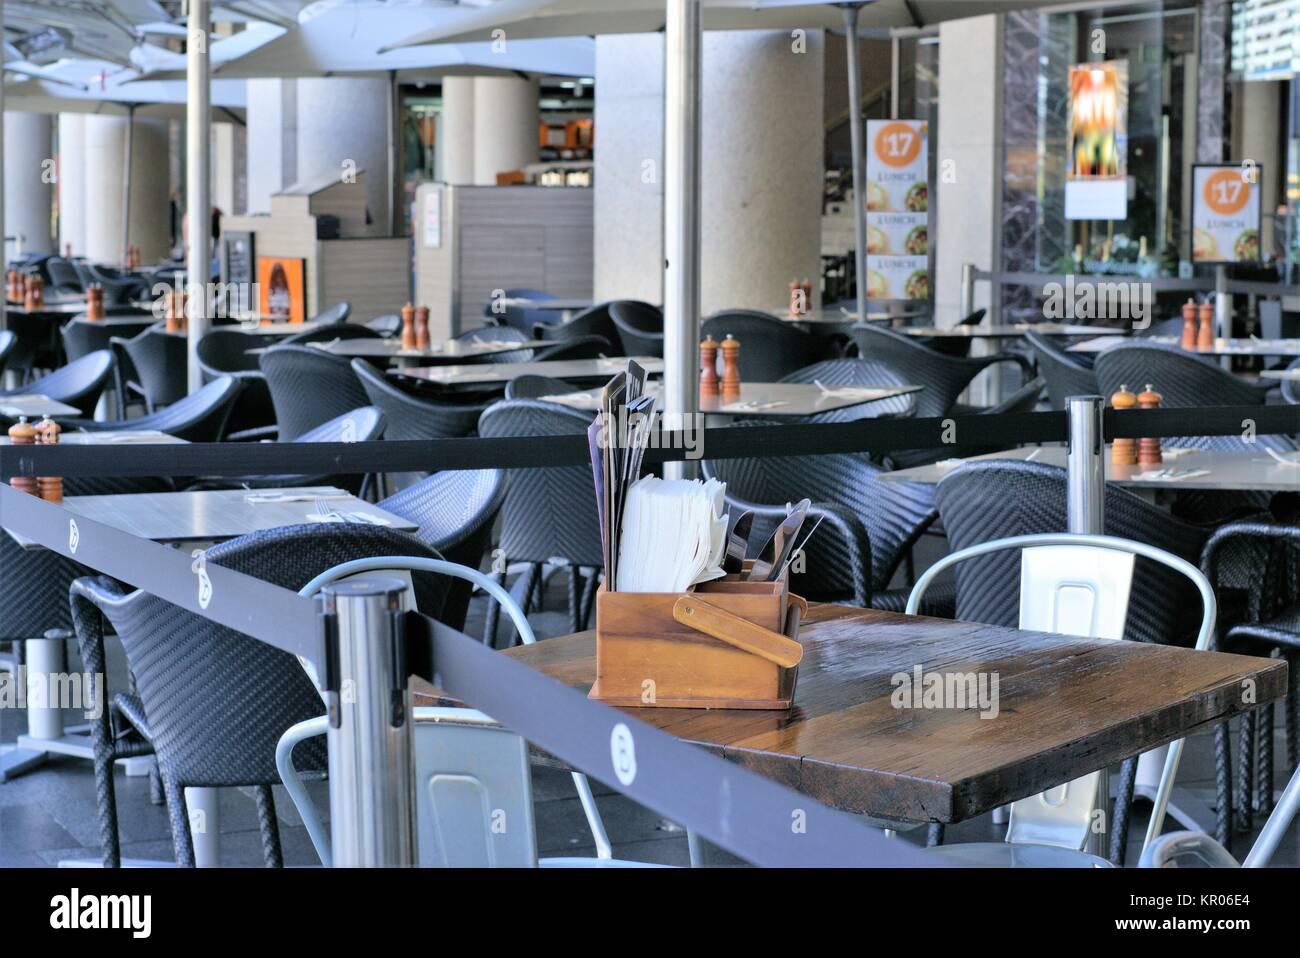 Tavoli Da Esterno Per Ristoranti.Mobili Da Esterno Del Ristorante Aperto Tavoli In Legno E Sedie Di